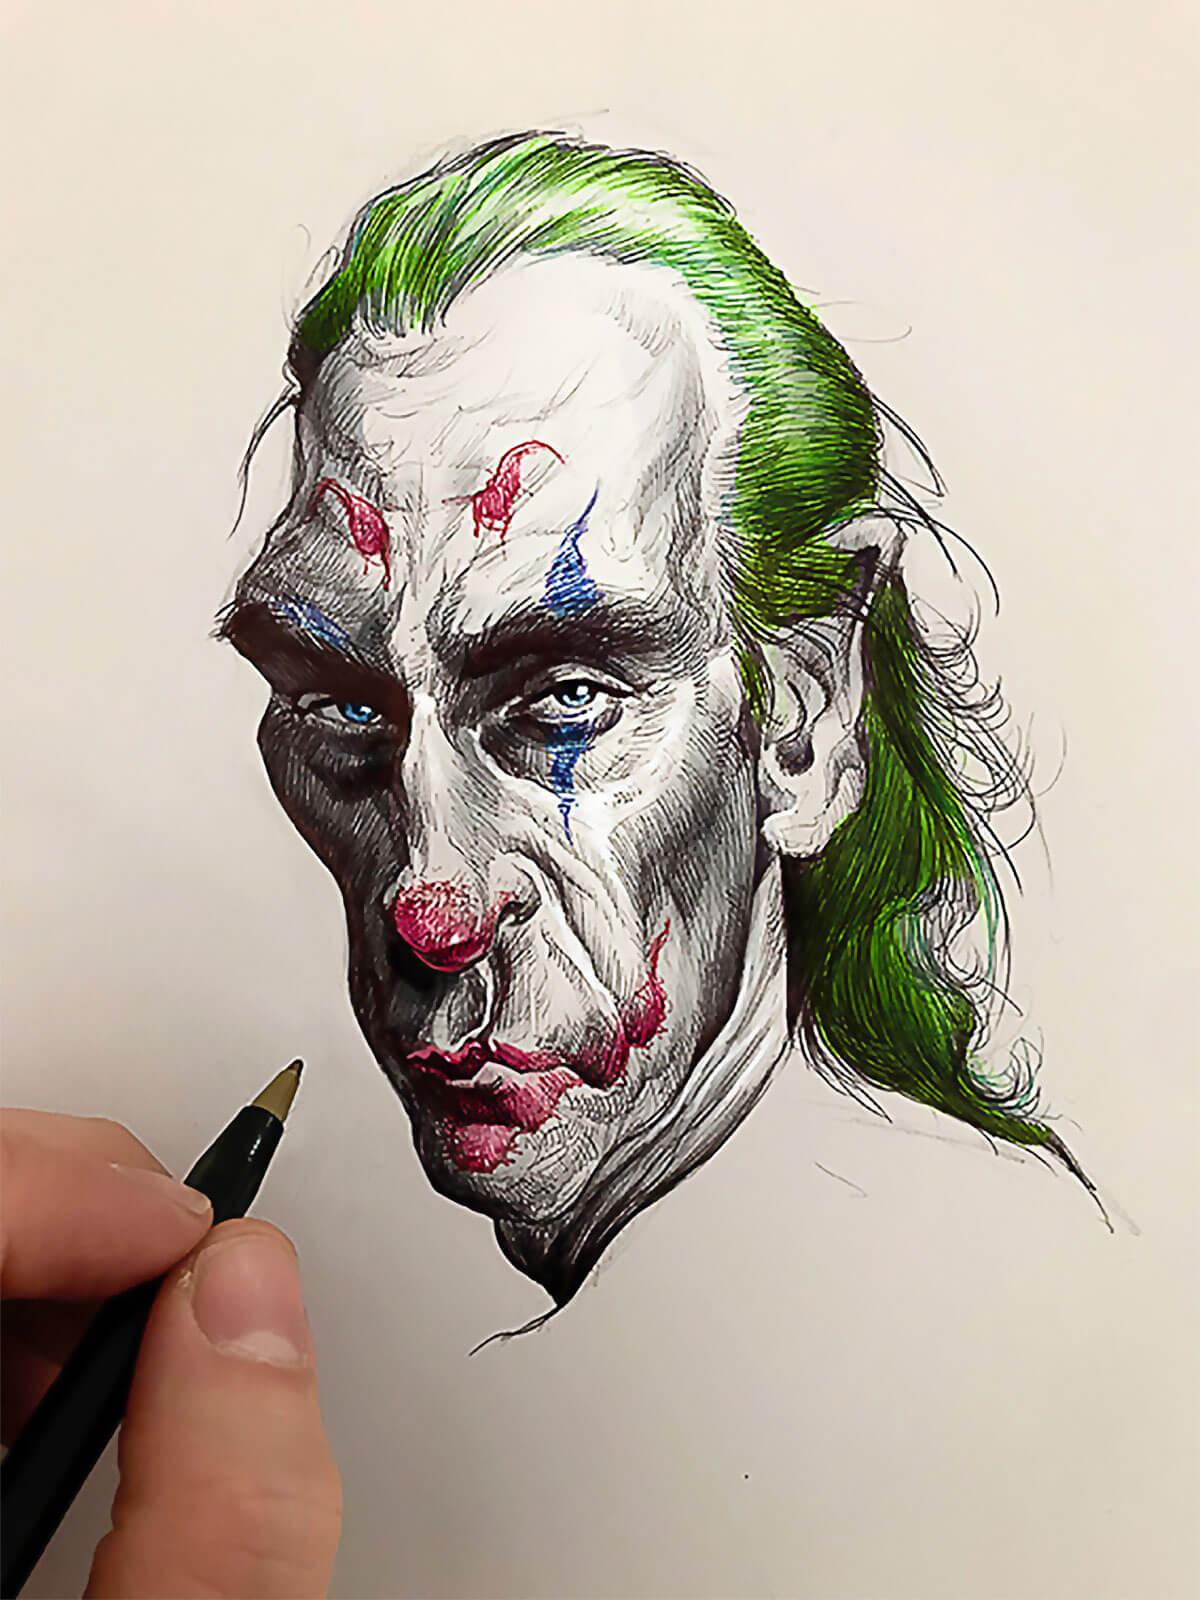 Joaquin Phoenix Joker by Juan Perednik